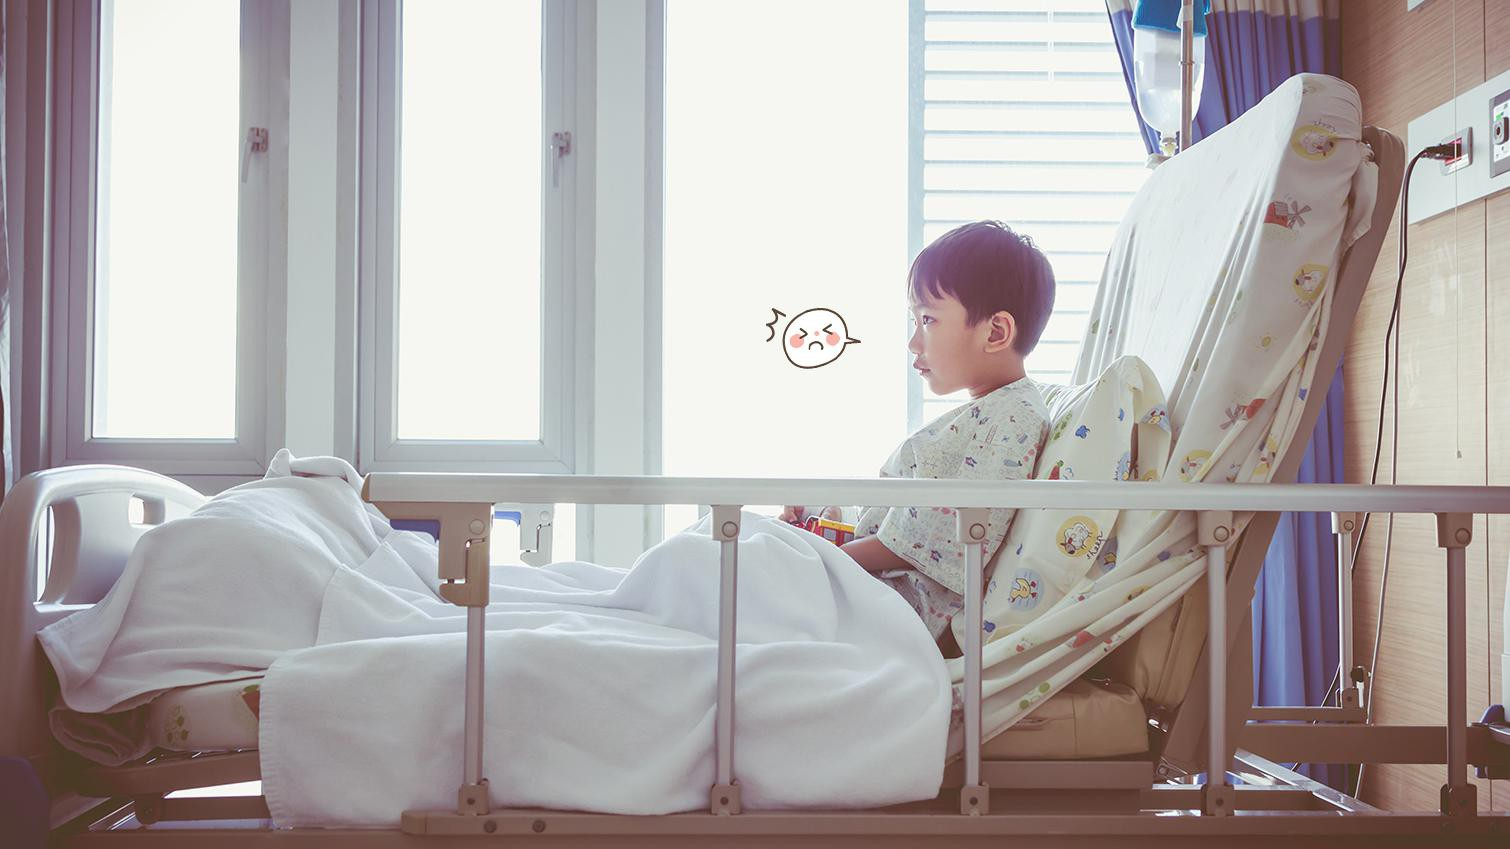 5 Hal Yang Harus Dilakukan Orang Tua Saat Anak Dirawat Di Rs